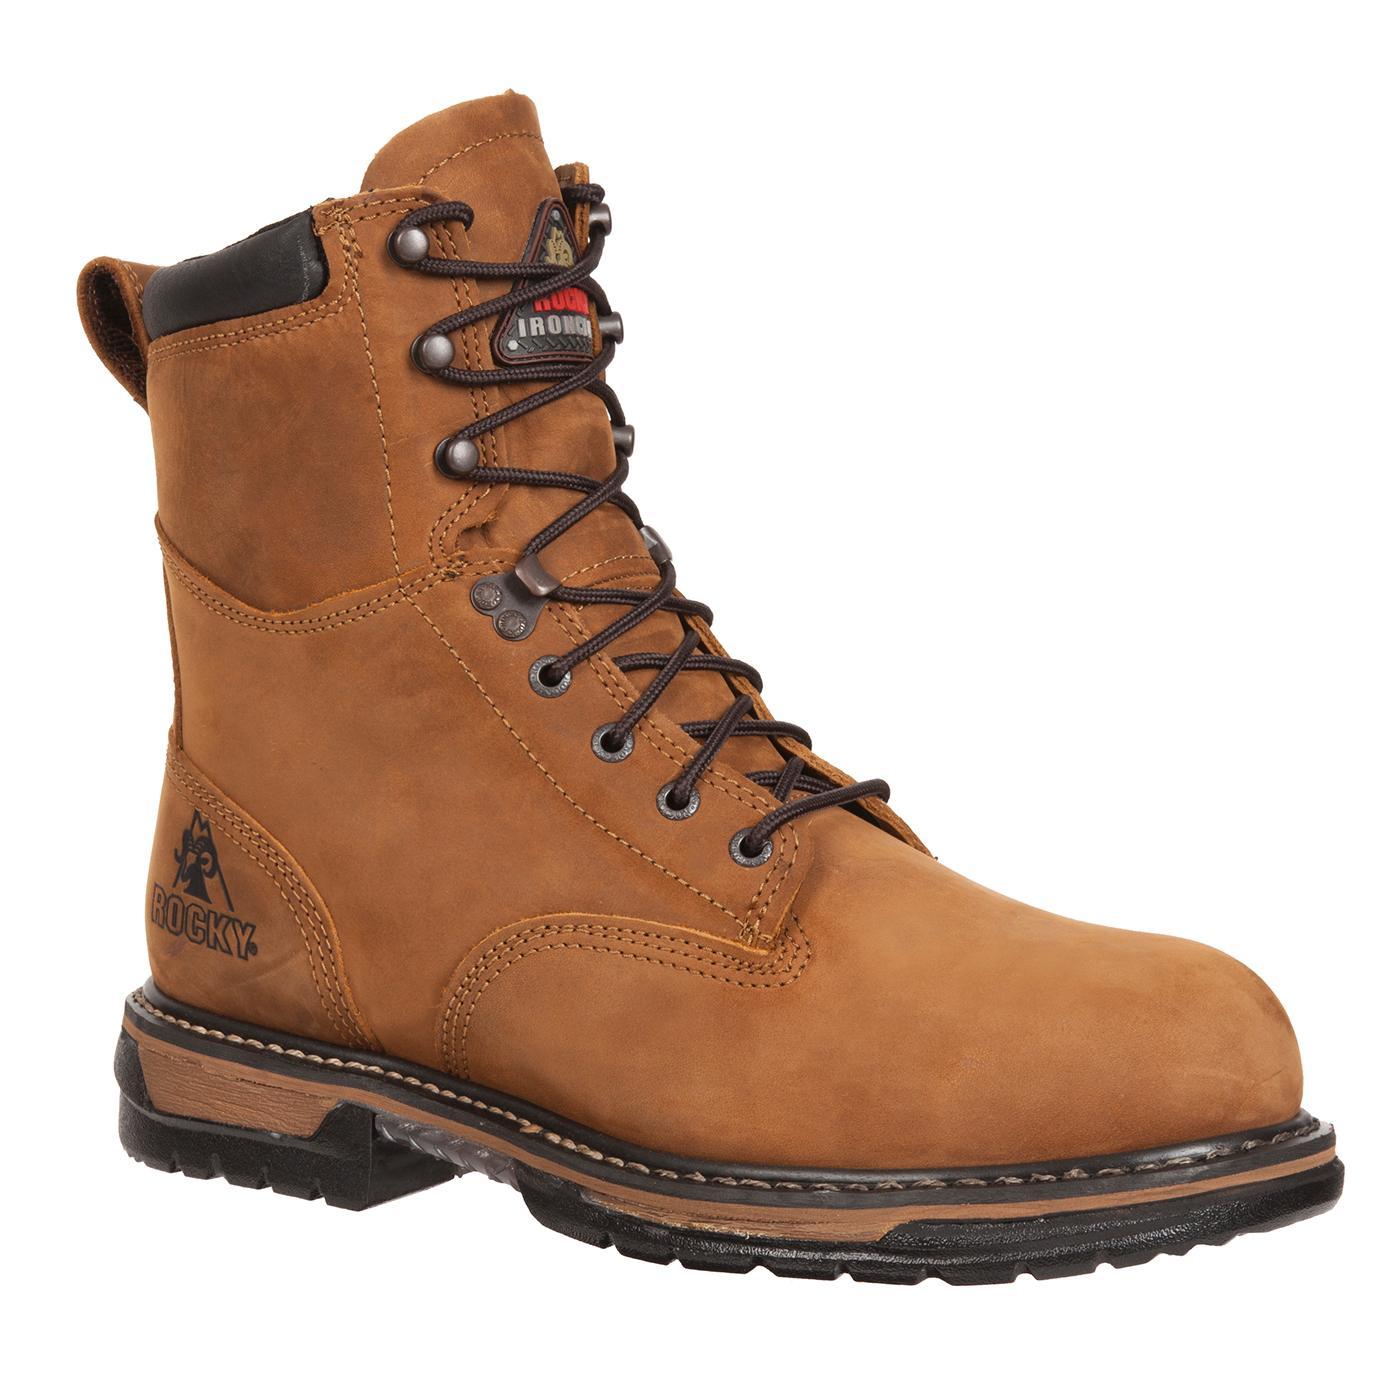 Rocky IronClad: Waterproof Steel Toe Work Boots - Style #6692